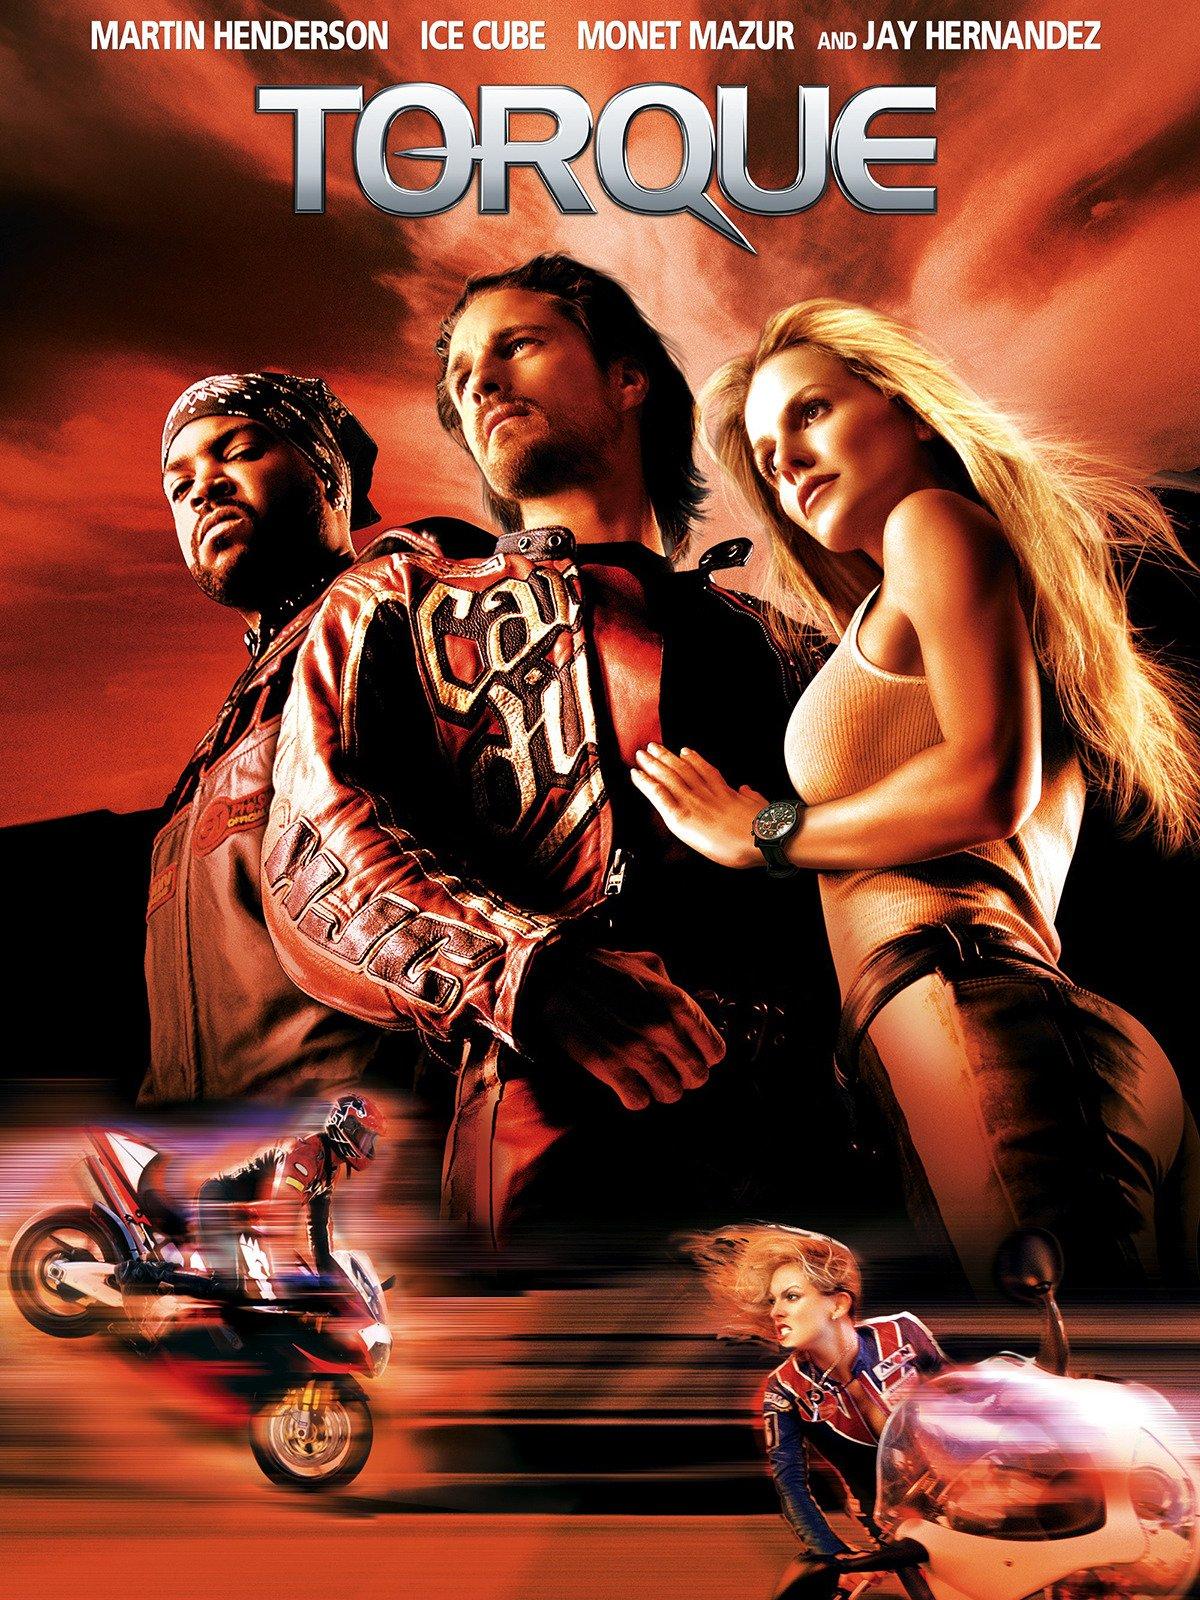 torque movie free download